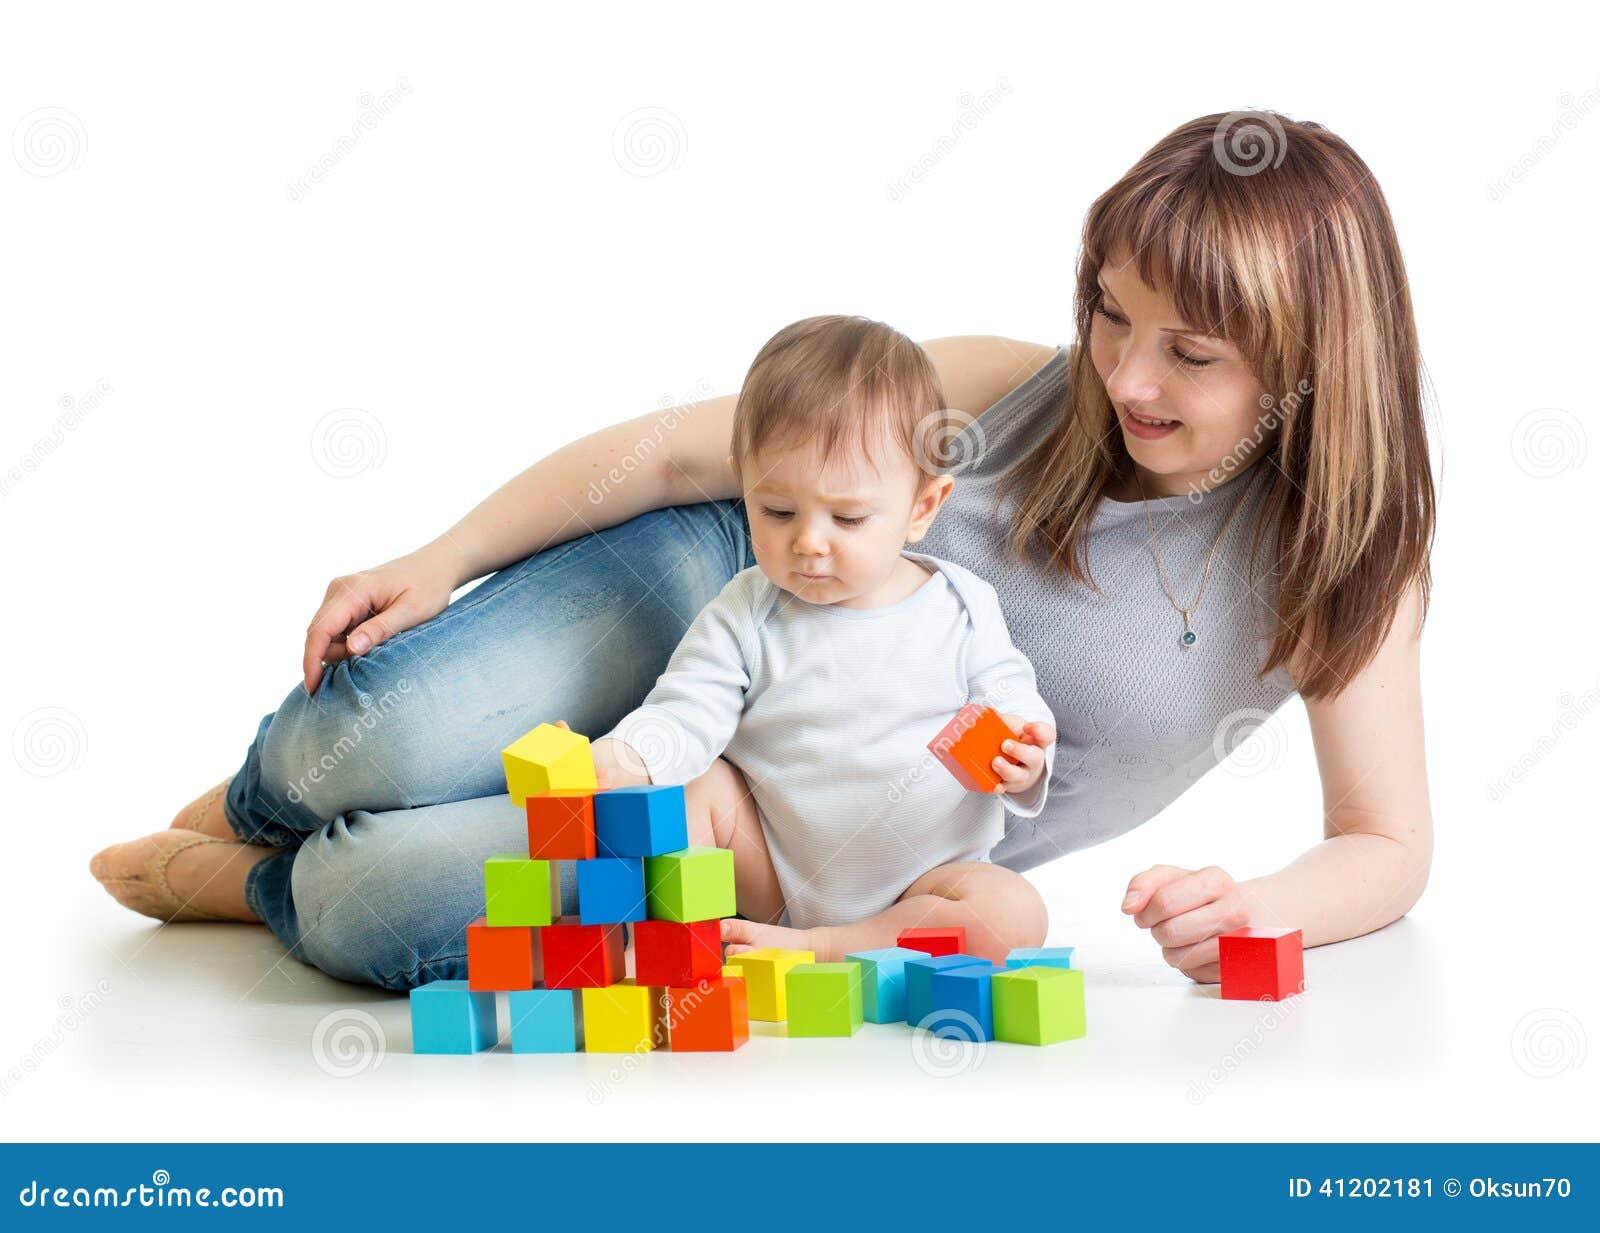 Block Boy I Mom Son